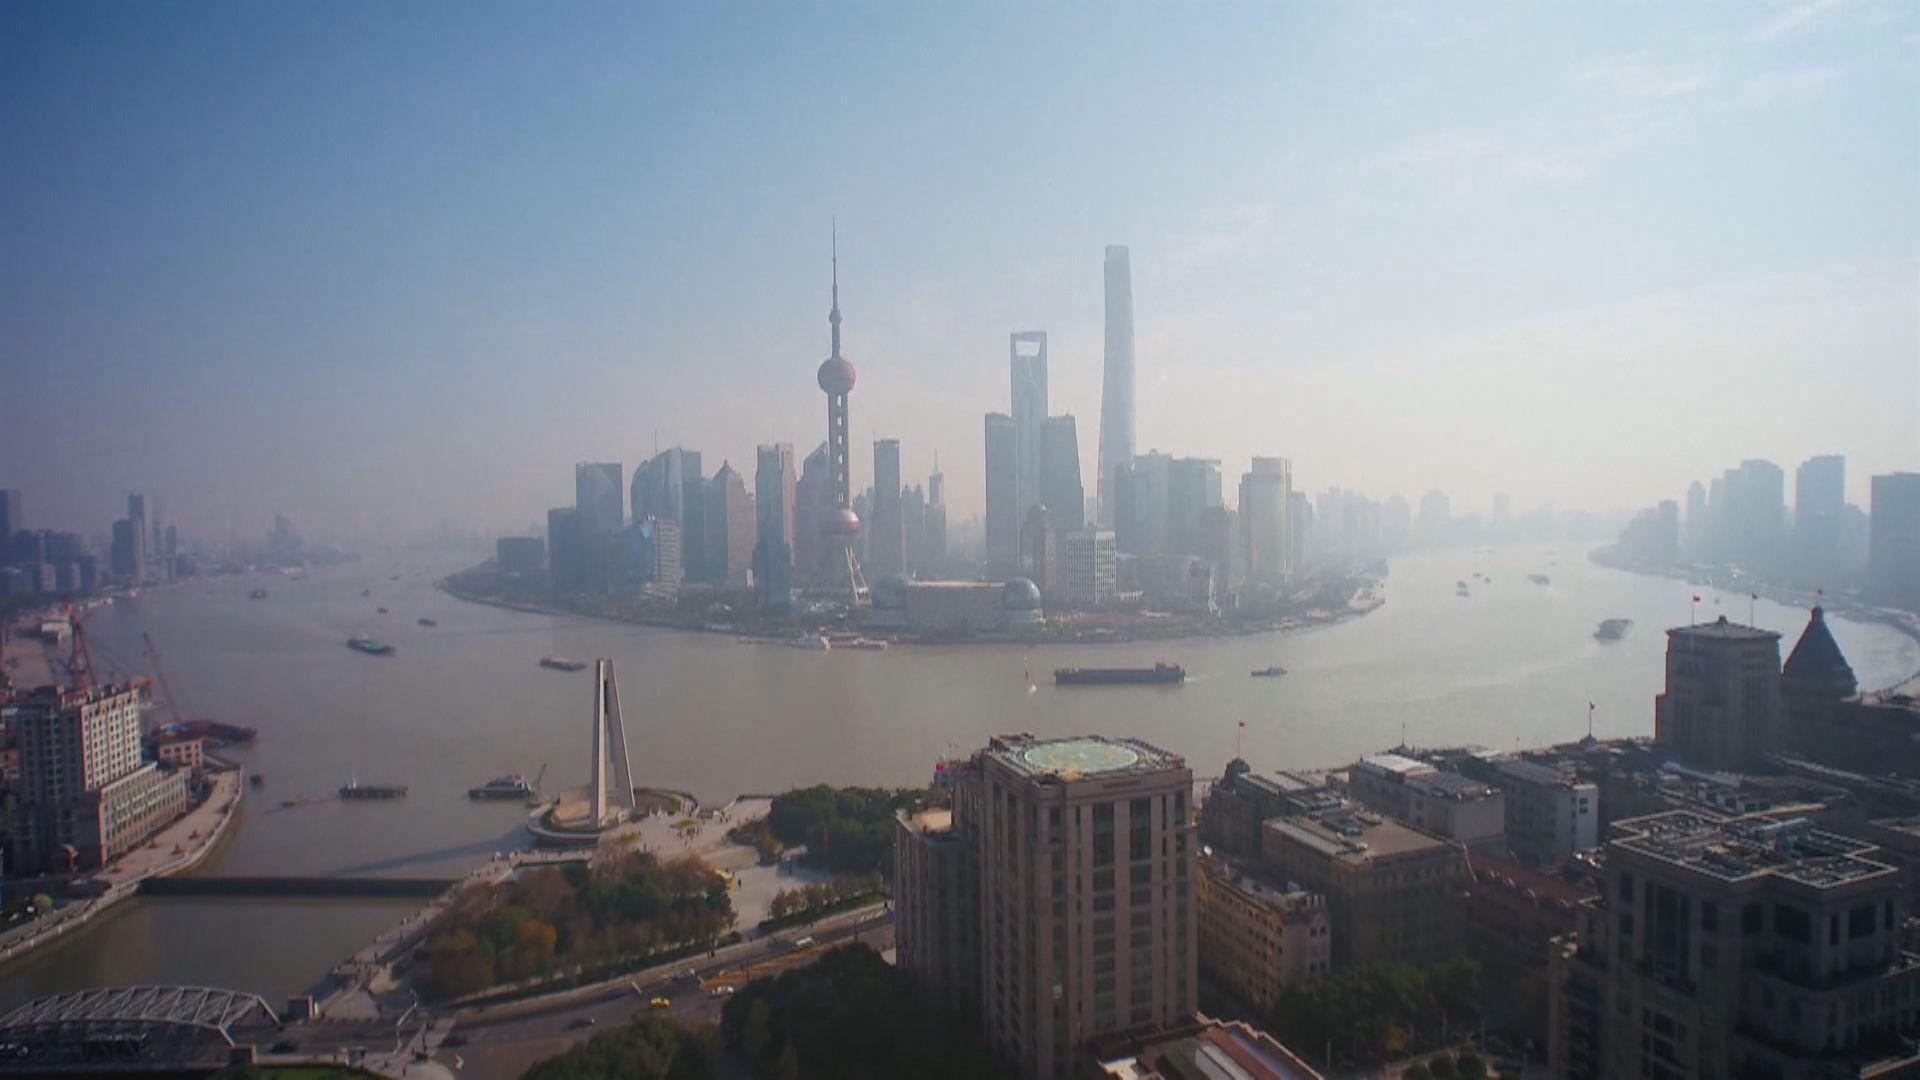 國務院白皮書指中國不走國強必霸的路